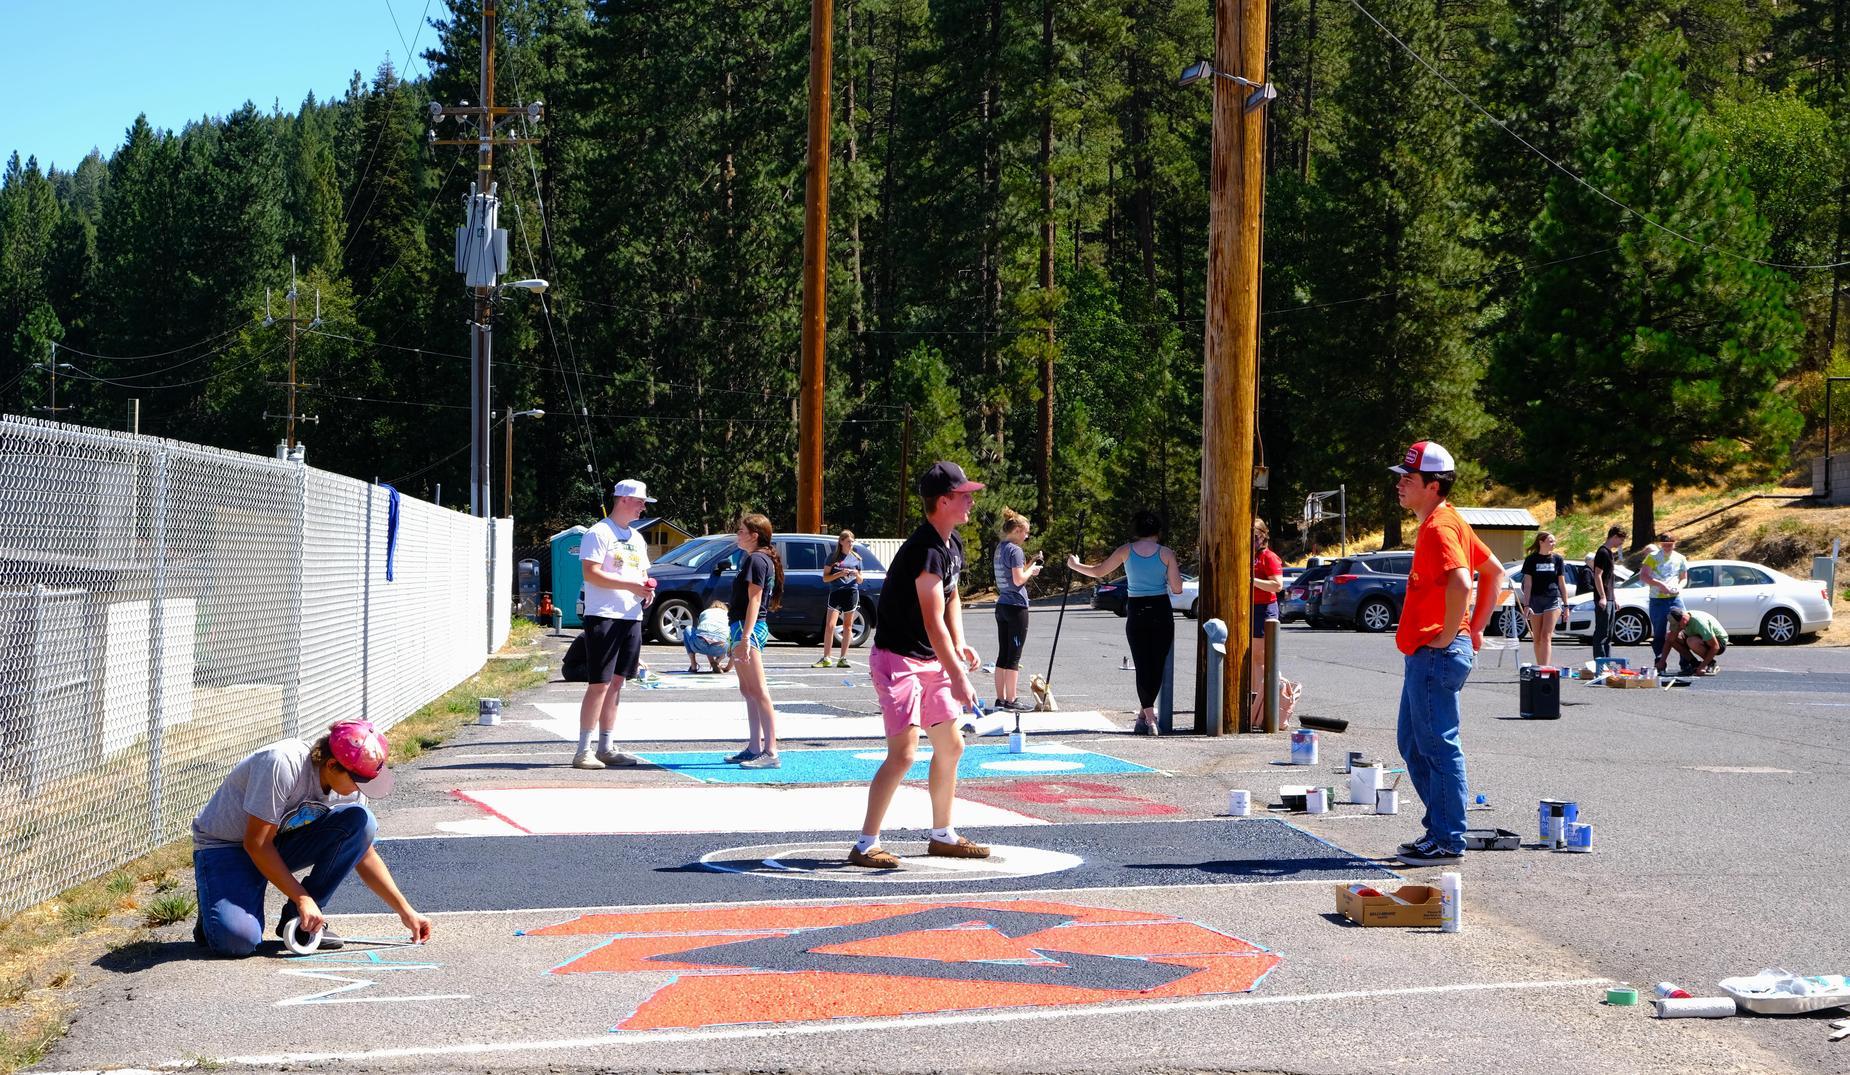 qhs seniors painting parking spaces